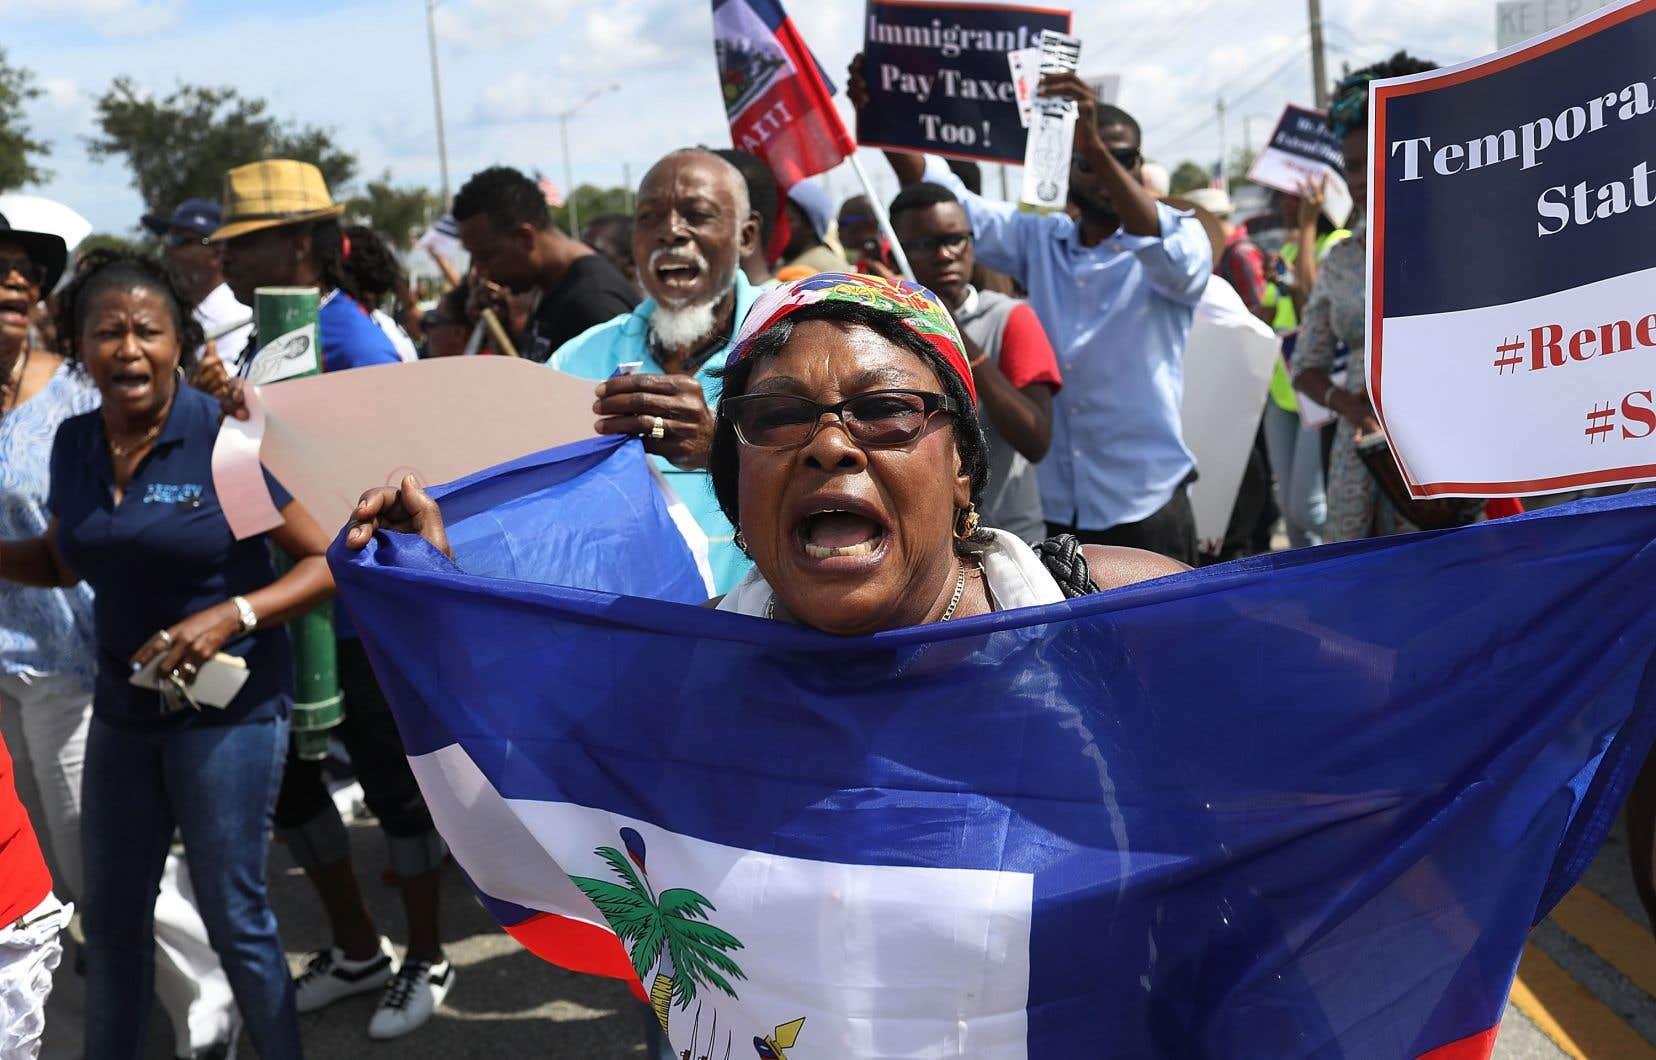 Des Haitiens manifestaient à Miami, en mai dernier, après que le gouvernement américain eut laissé entendre que leur statut temporaire de protection serait éliminé.